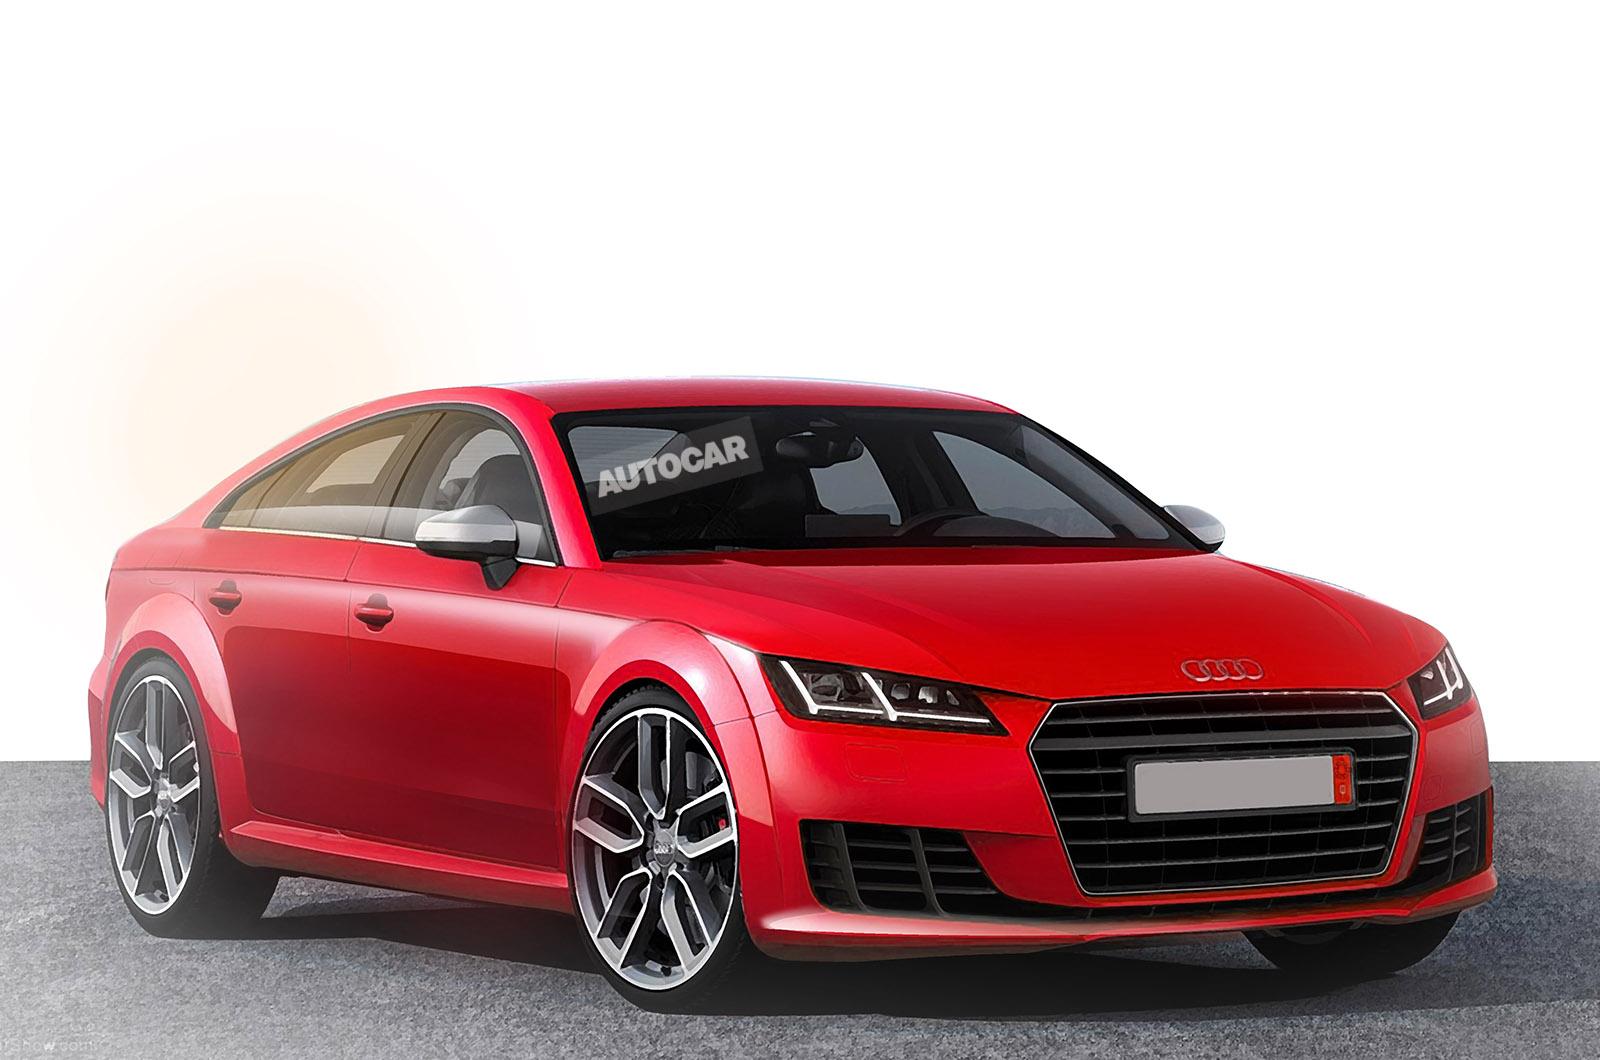 201? - [Audi] TT Sportback / Allroad Tt%20saloon%20